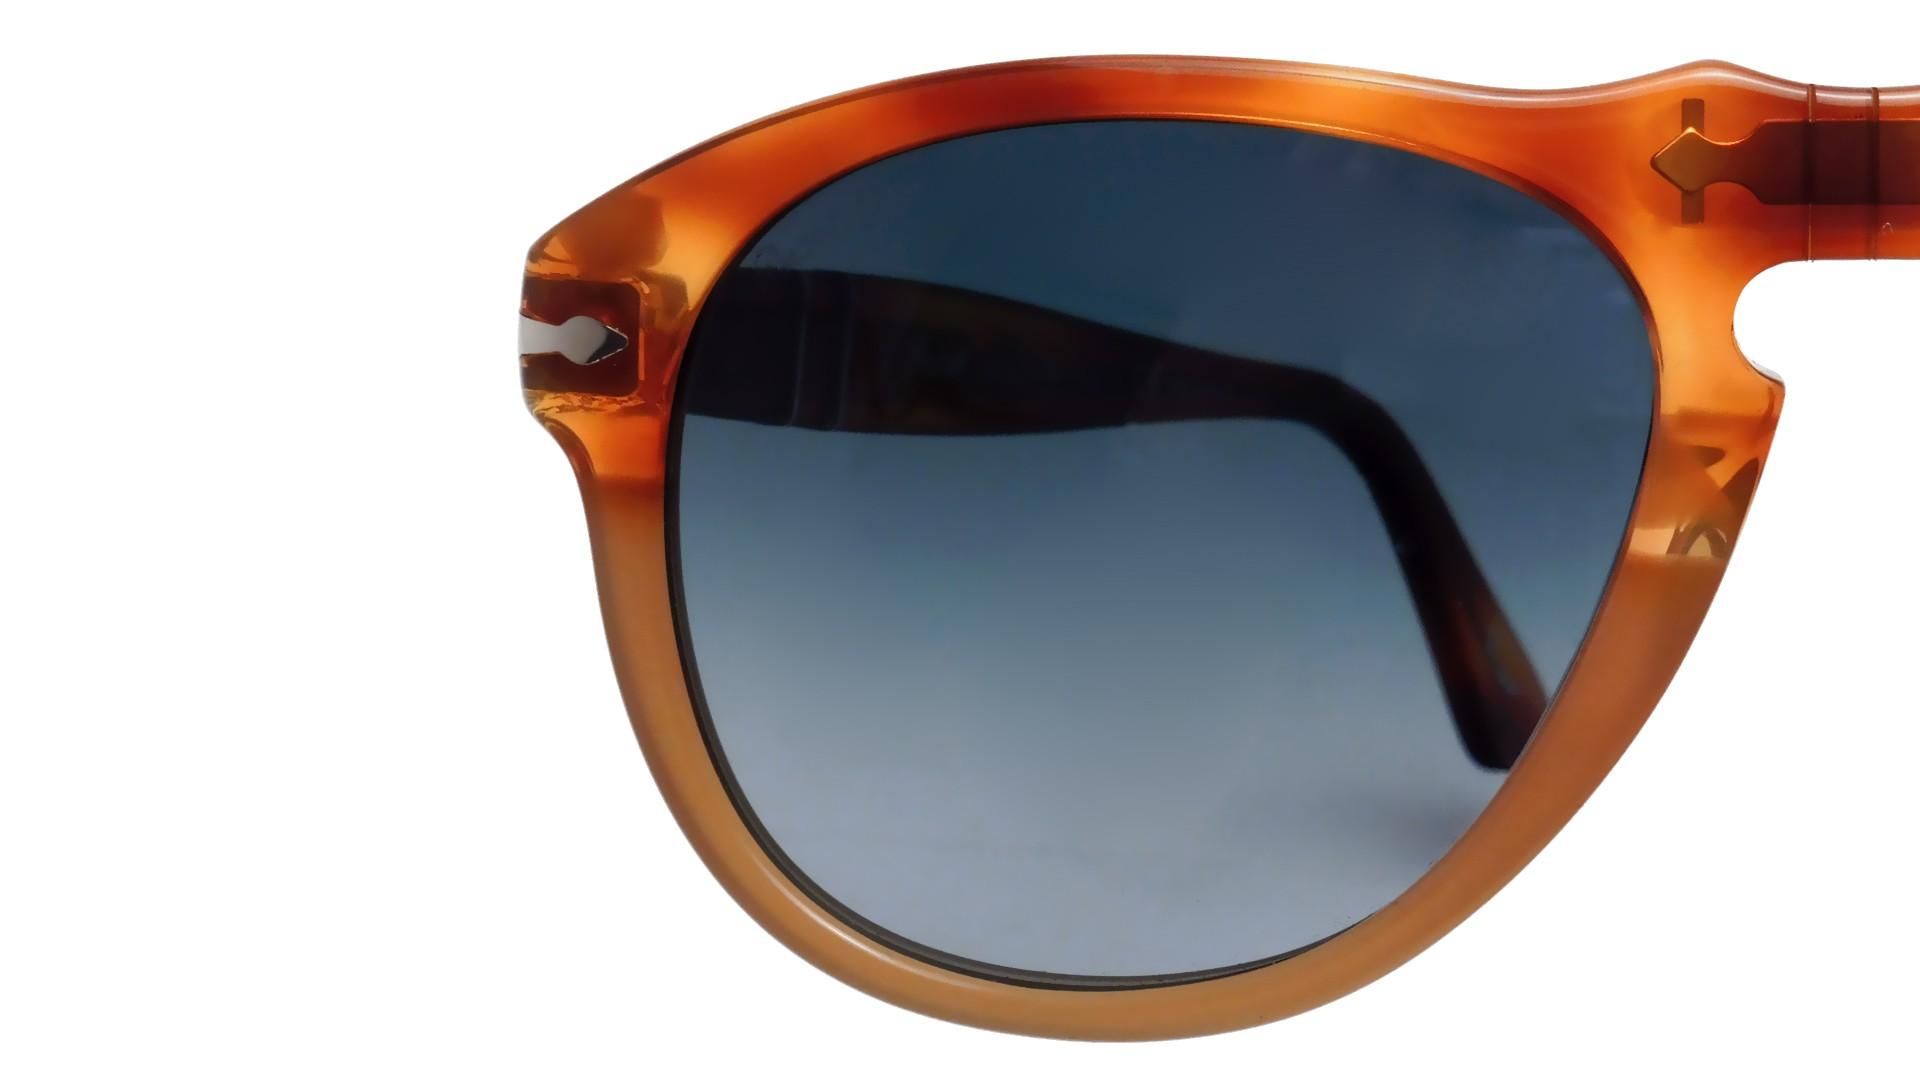 914940a1140fa Sunglasses Persol PO0649 1025 S3 52-20 Resina e Sale Tortoise Medium  Polarized Gradient